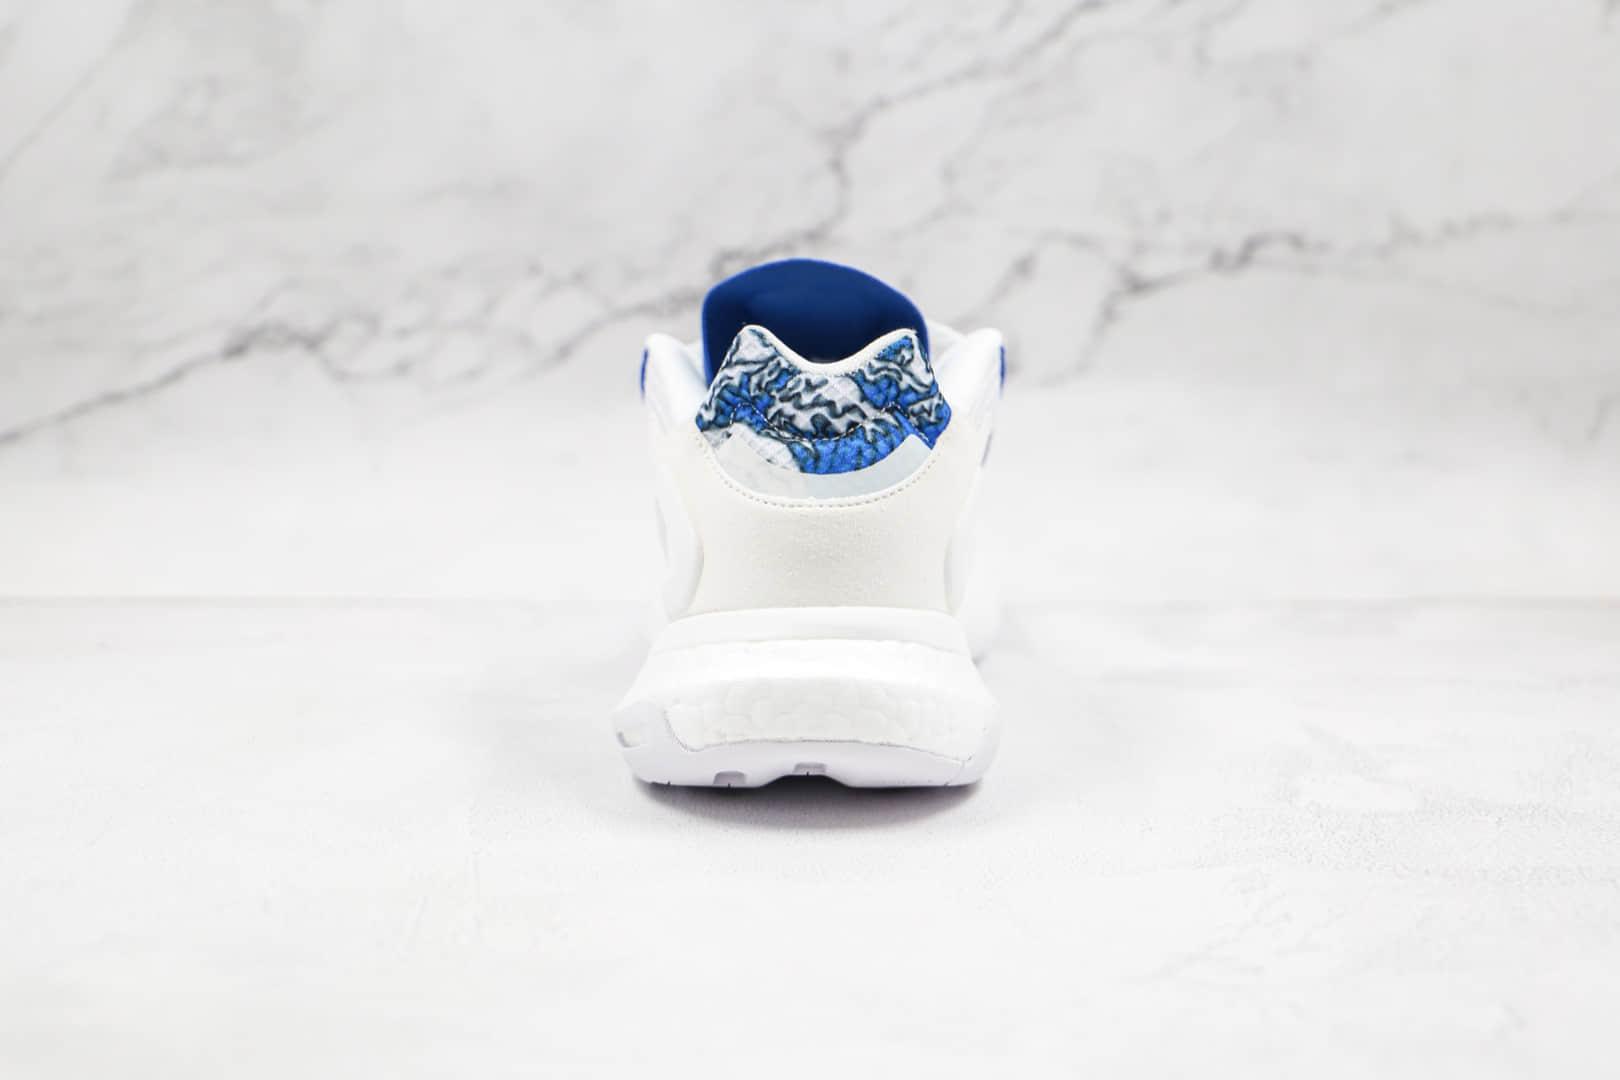 阿迪达斯Adidas Day Jogger 2021 Boost纯原版本夜行者二代蓝色图案爆米花跑鞋原档案数据开发 货号:FW5897